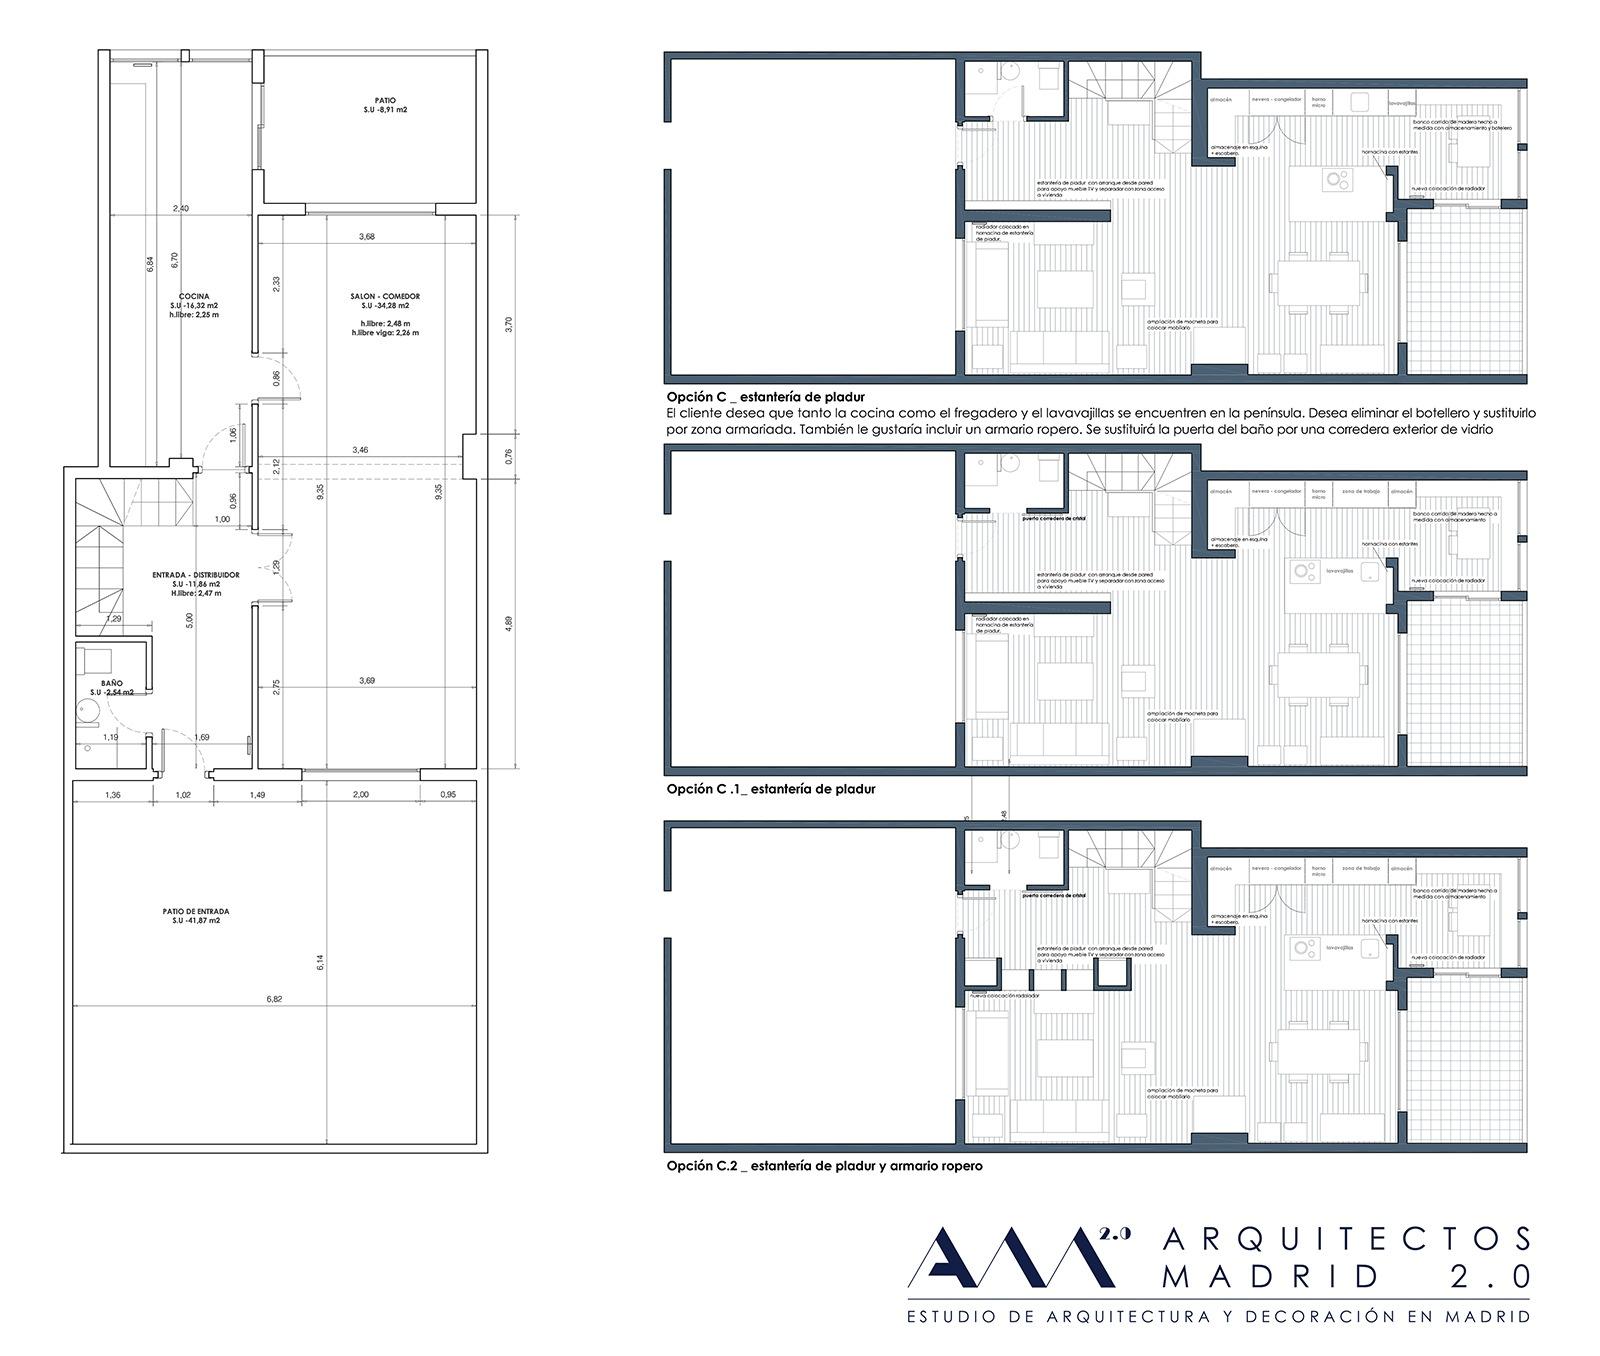 diseno-de-interiores-proyecto-decoracion-reforma-de-viviendas-arquitectura-interiorismo-01